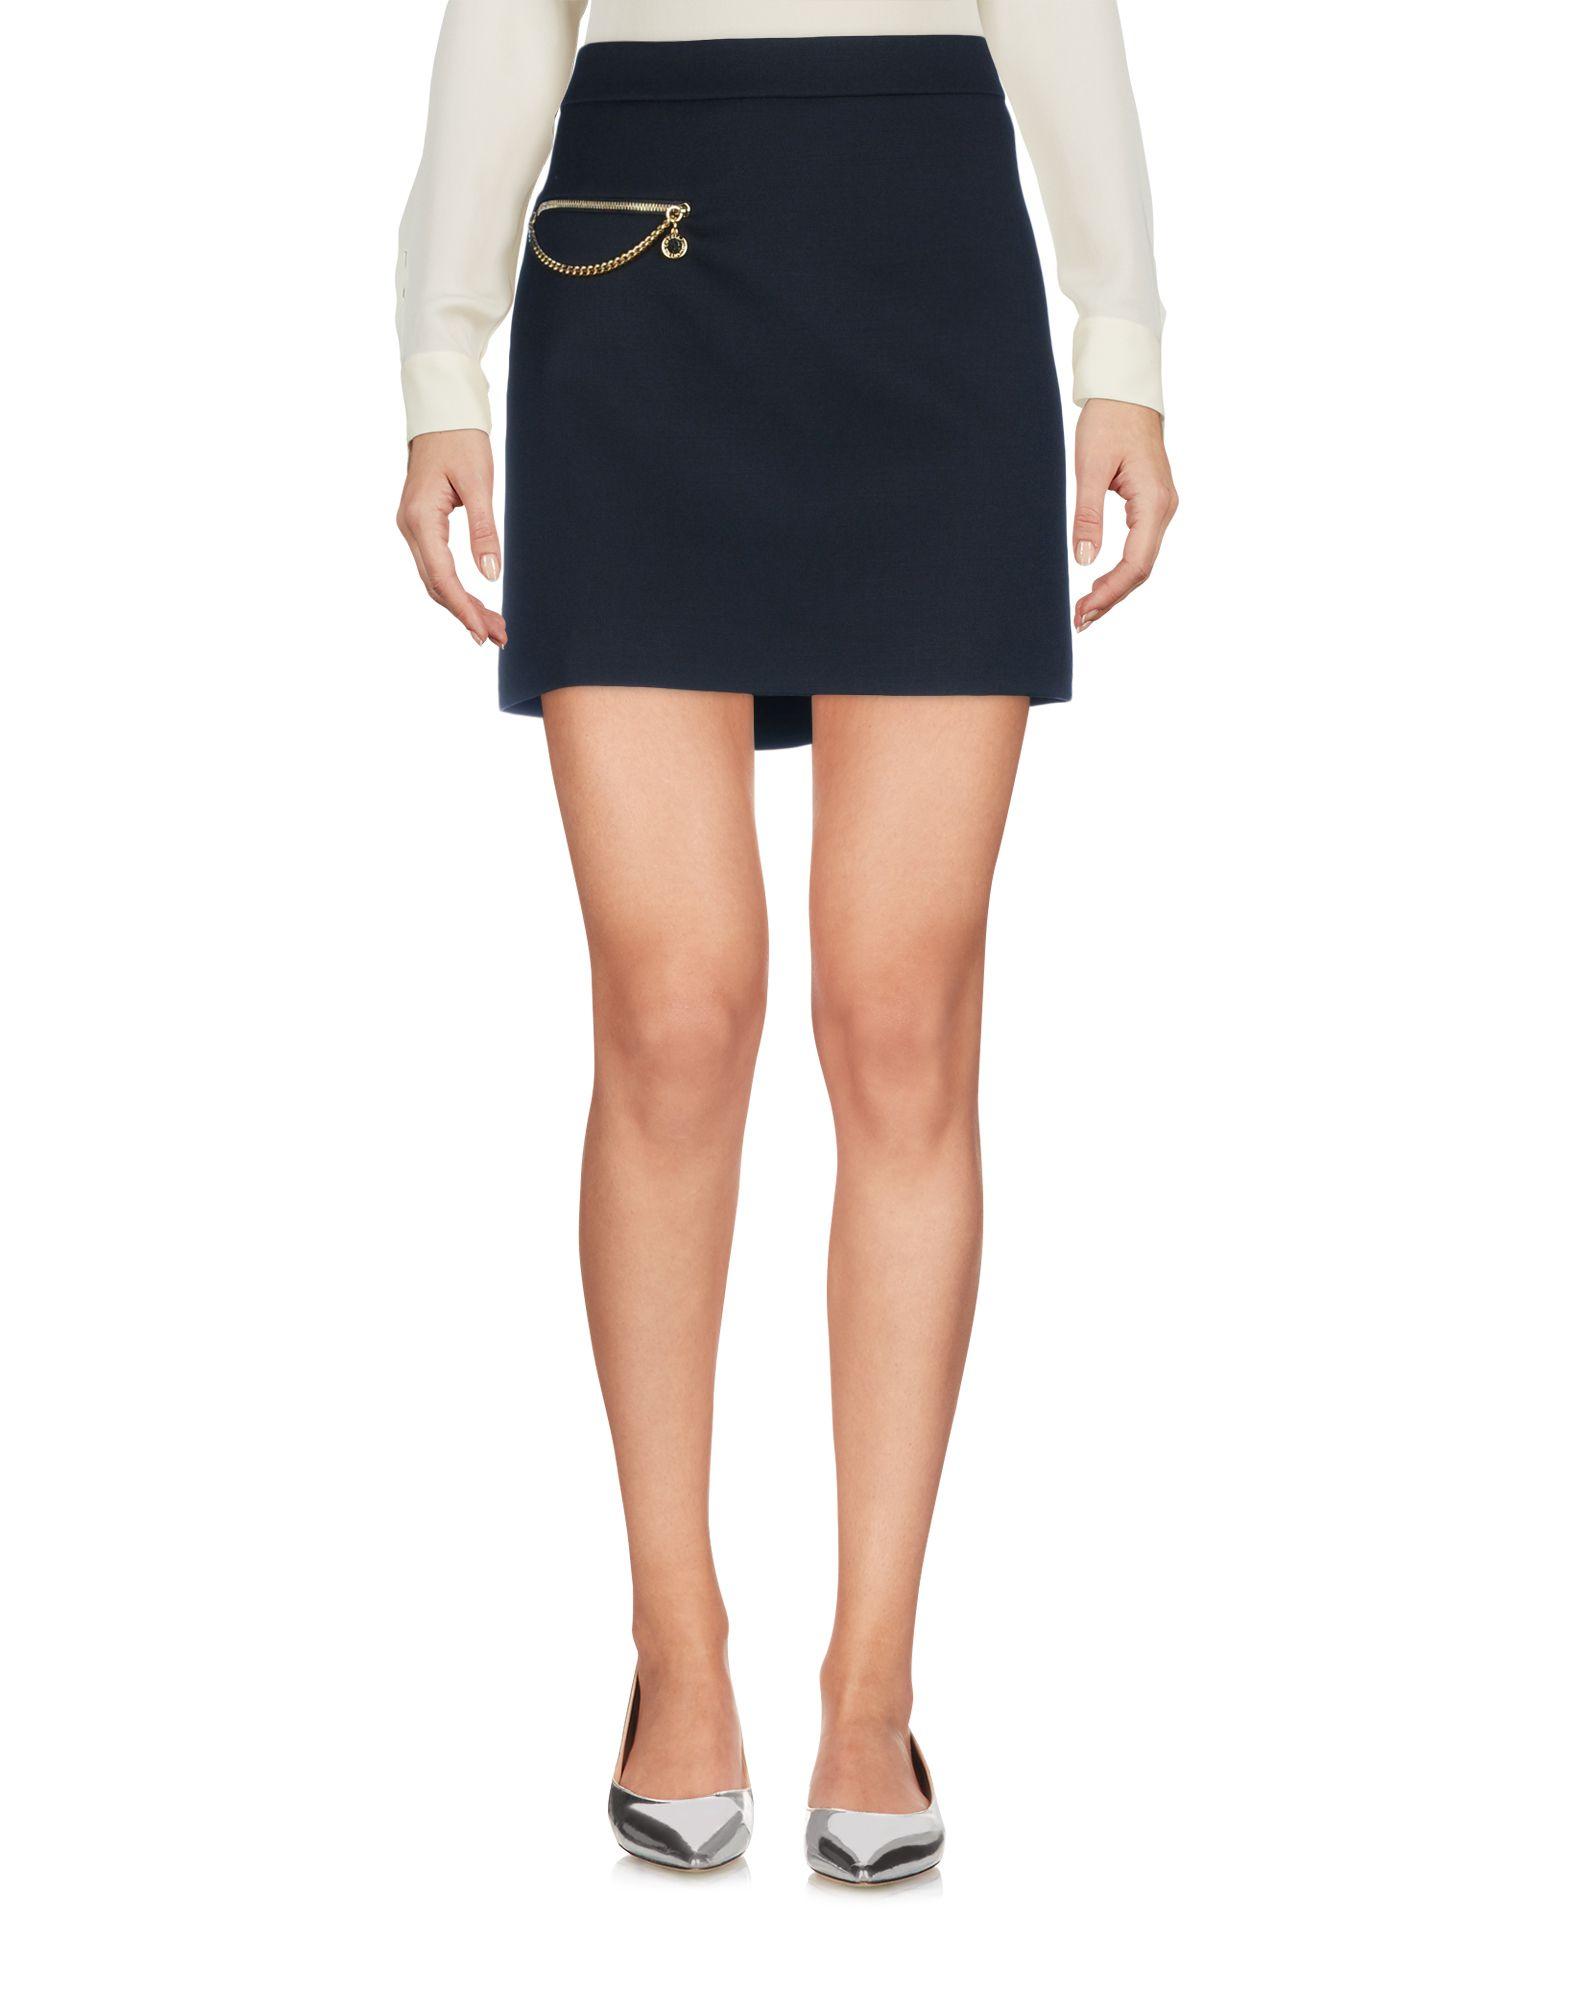 Minigonna Stella Mccartney Donna - Acquista online su nj3qk849